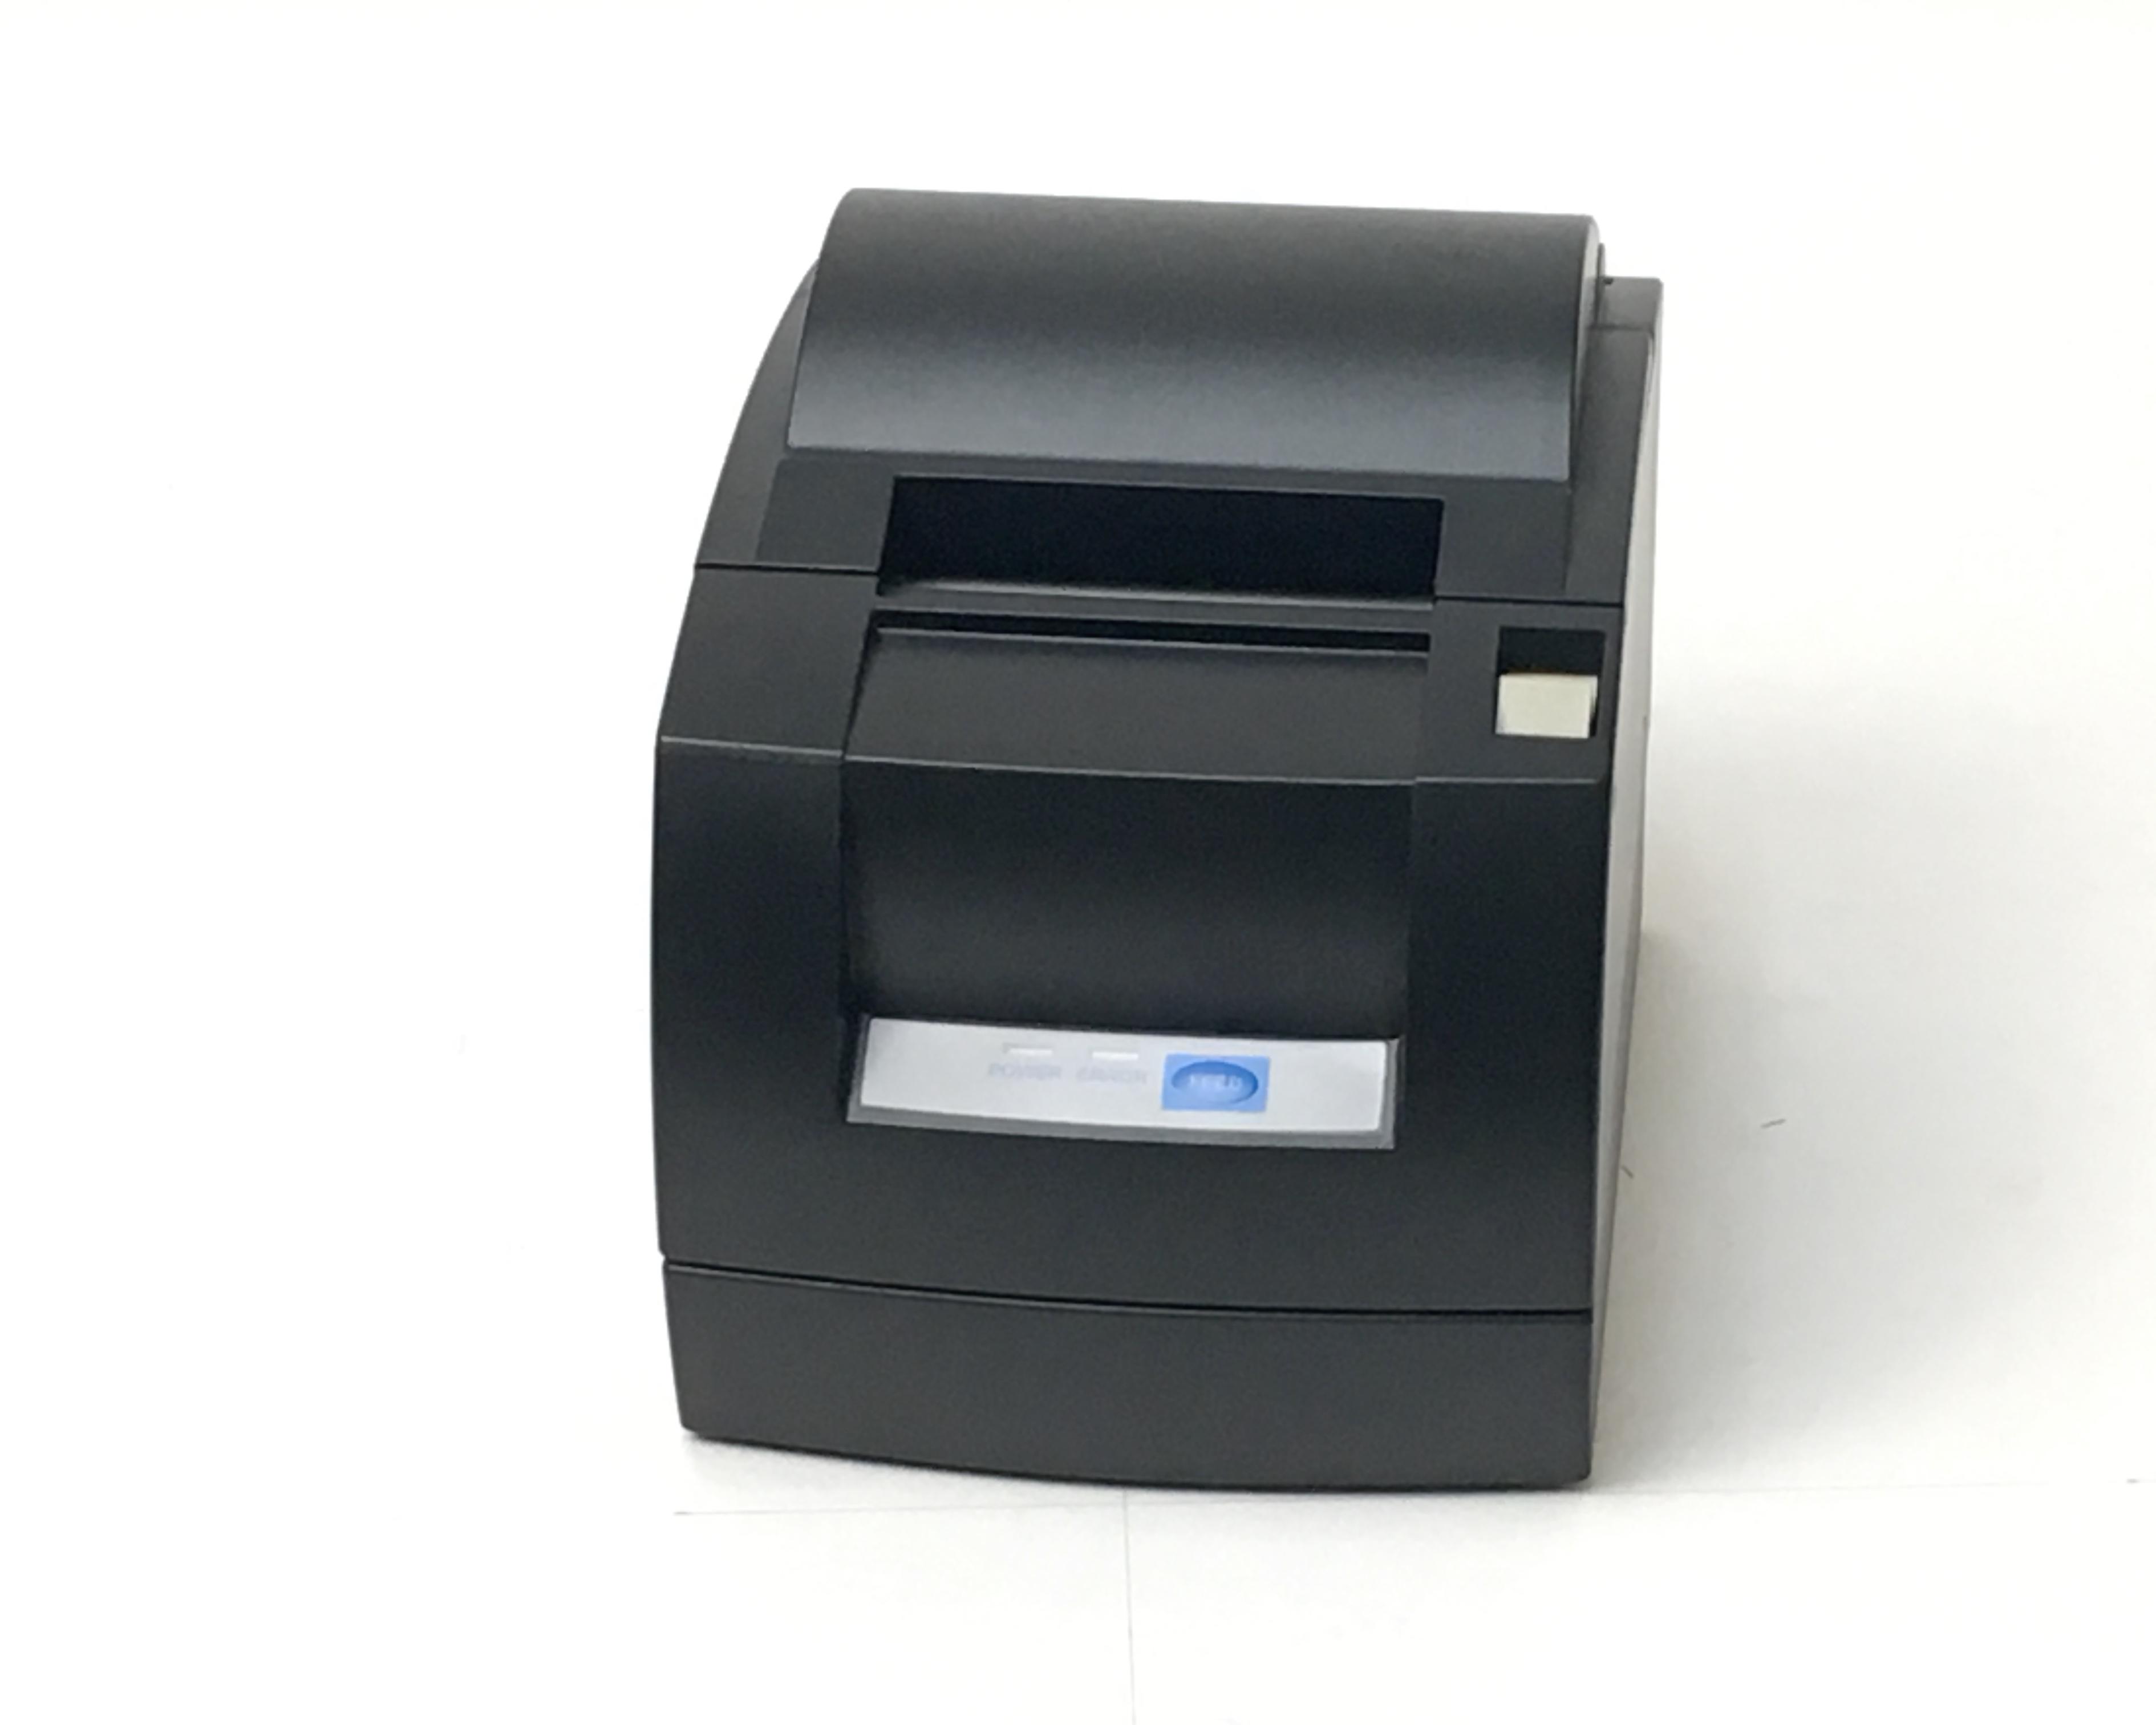 【優良中古】CITIZEN レシートプリンタ CT-S310S(USB・RS232C/80/58mm)ブラック  メイン画像